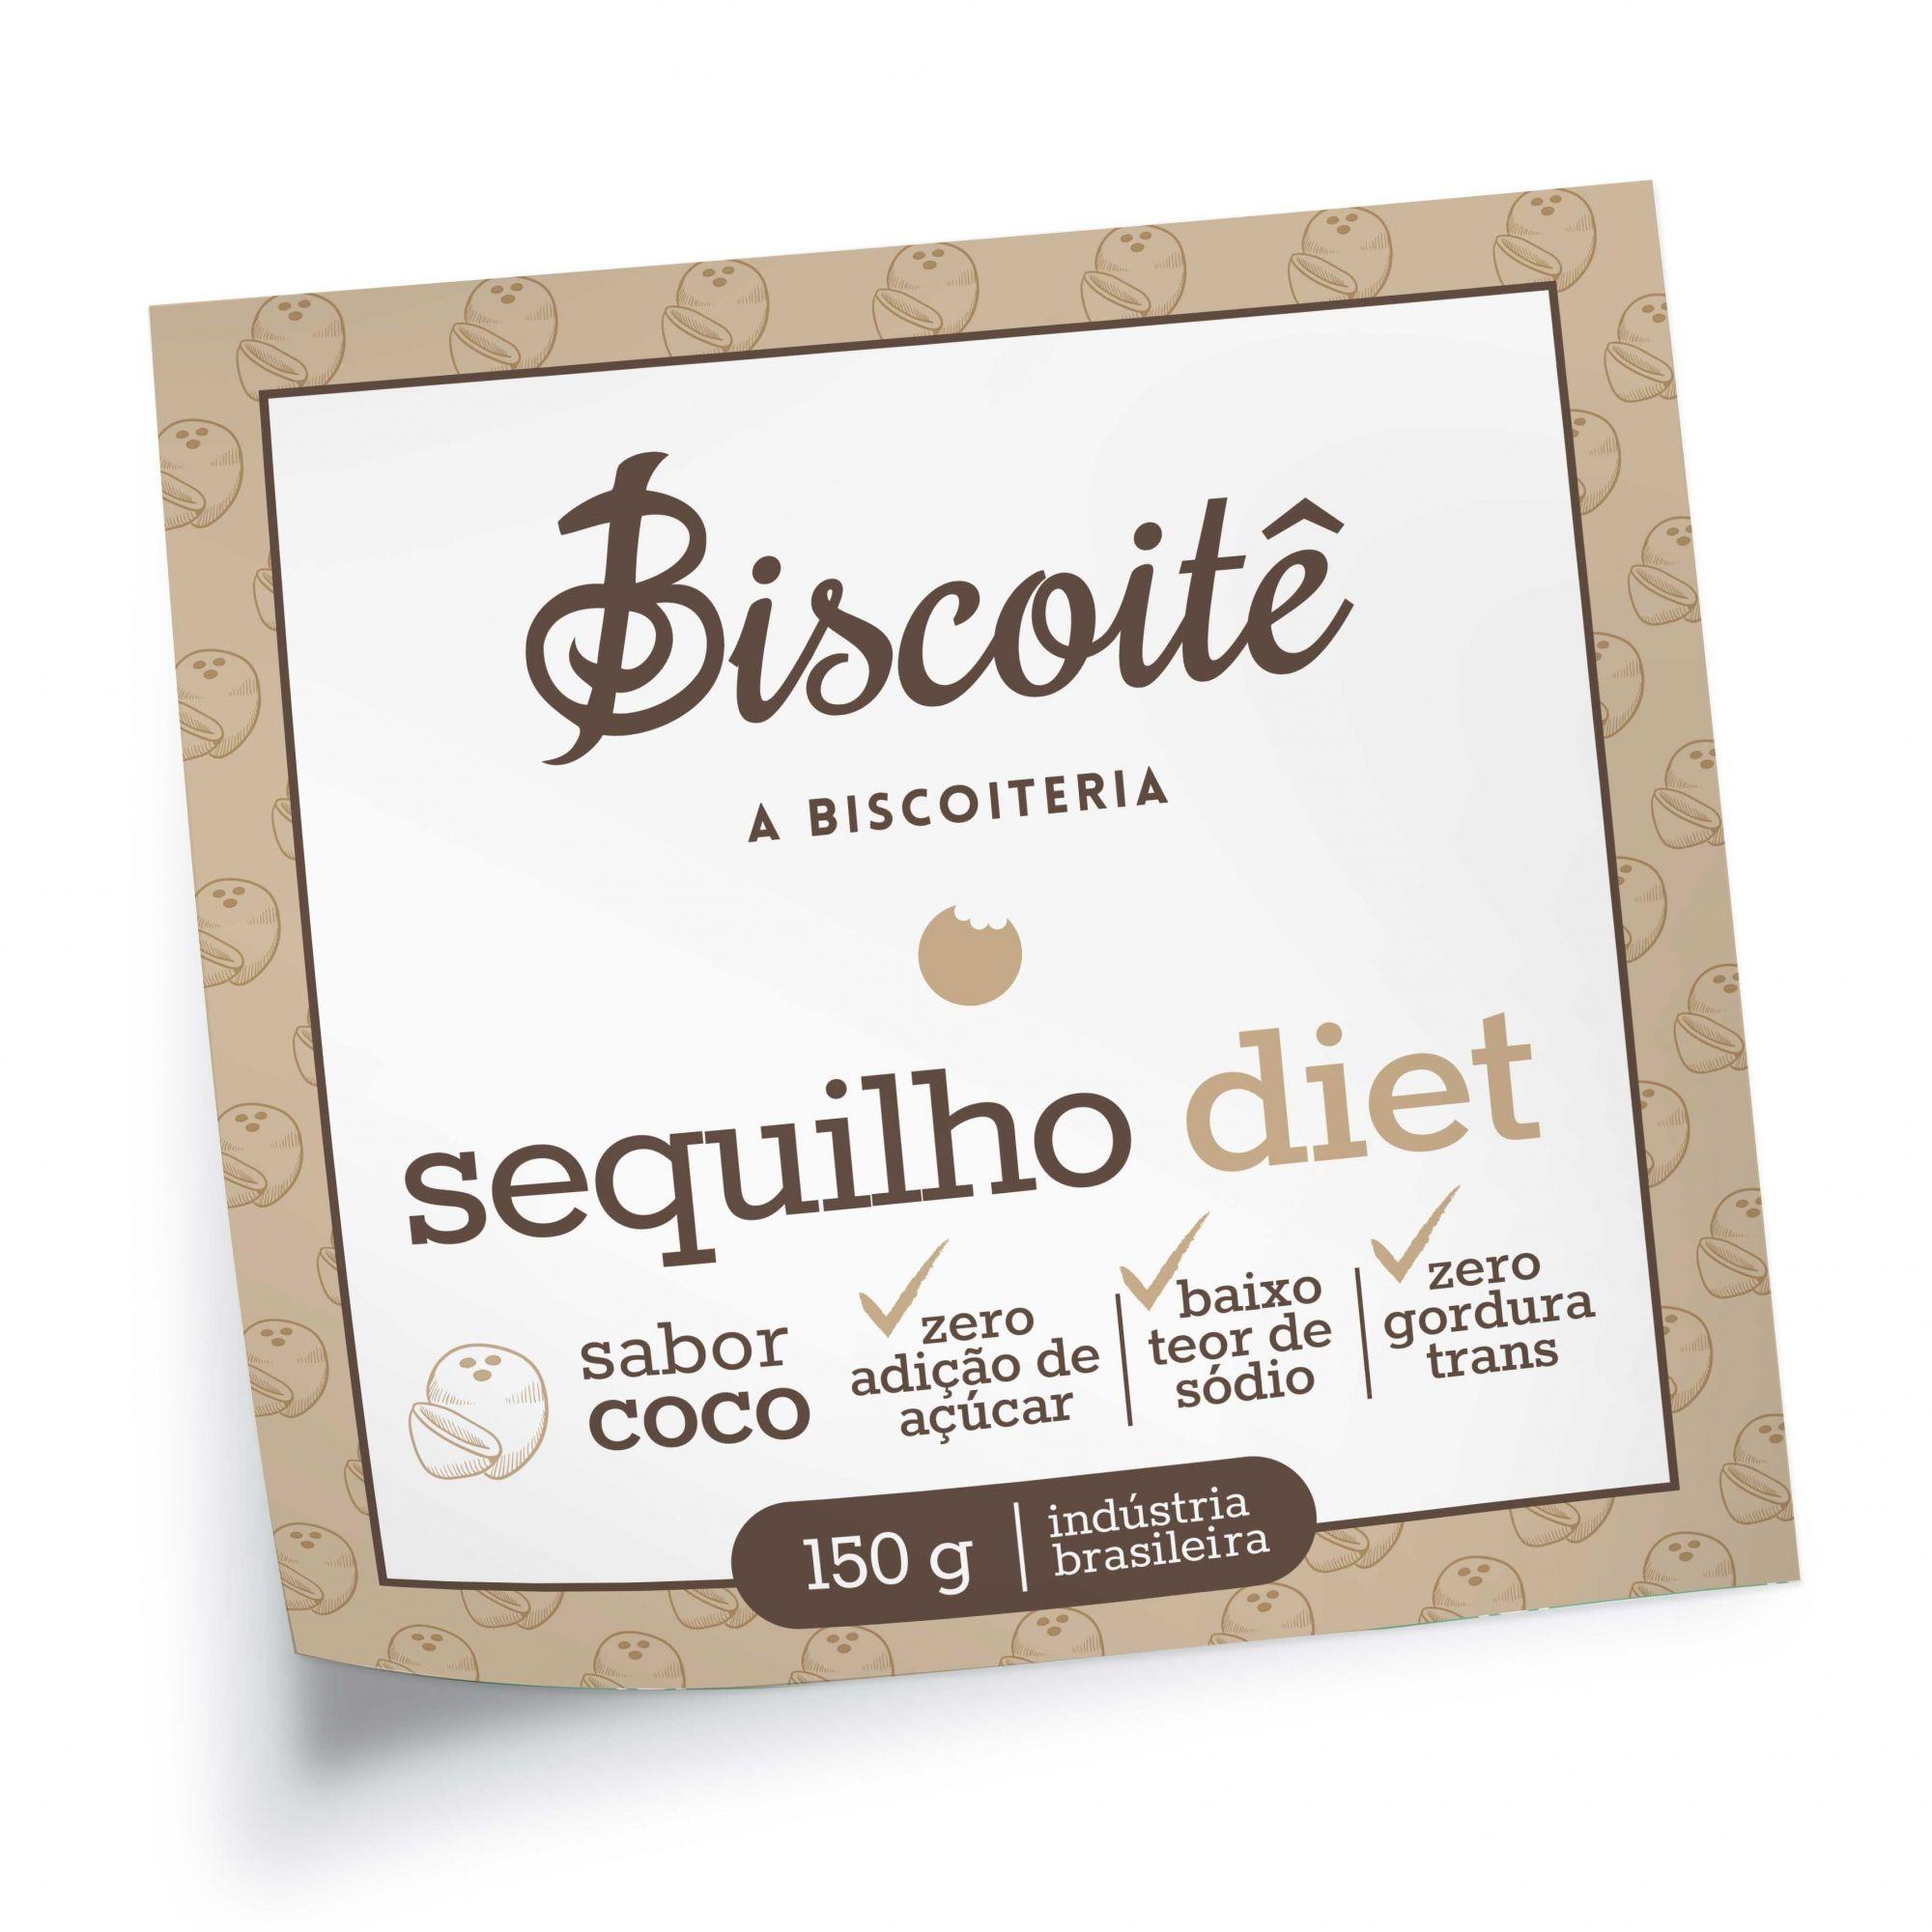 Sequilho Diet de Coco - 150g